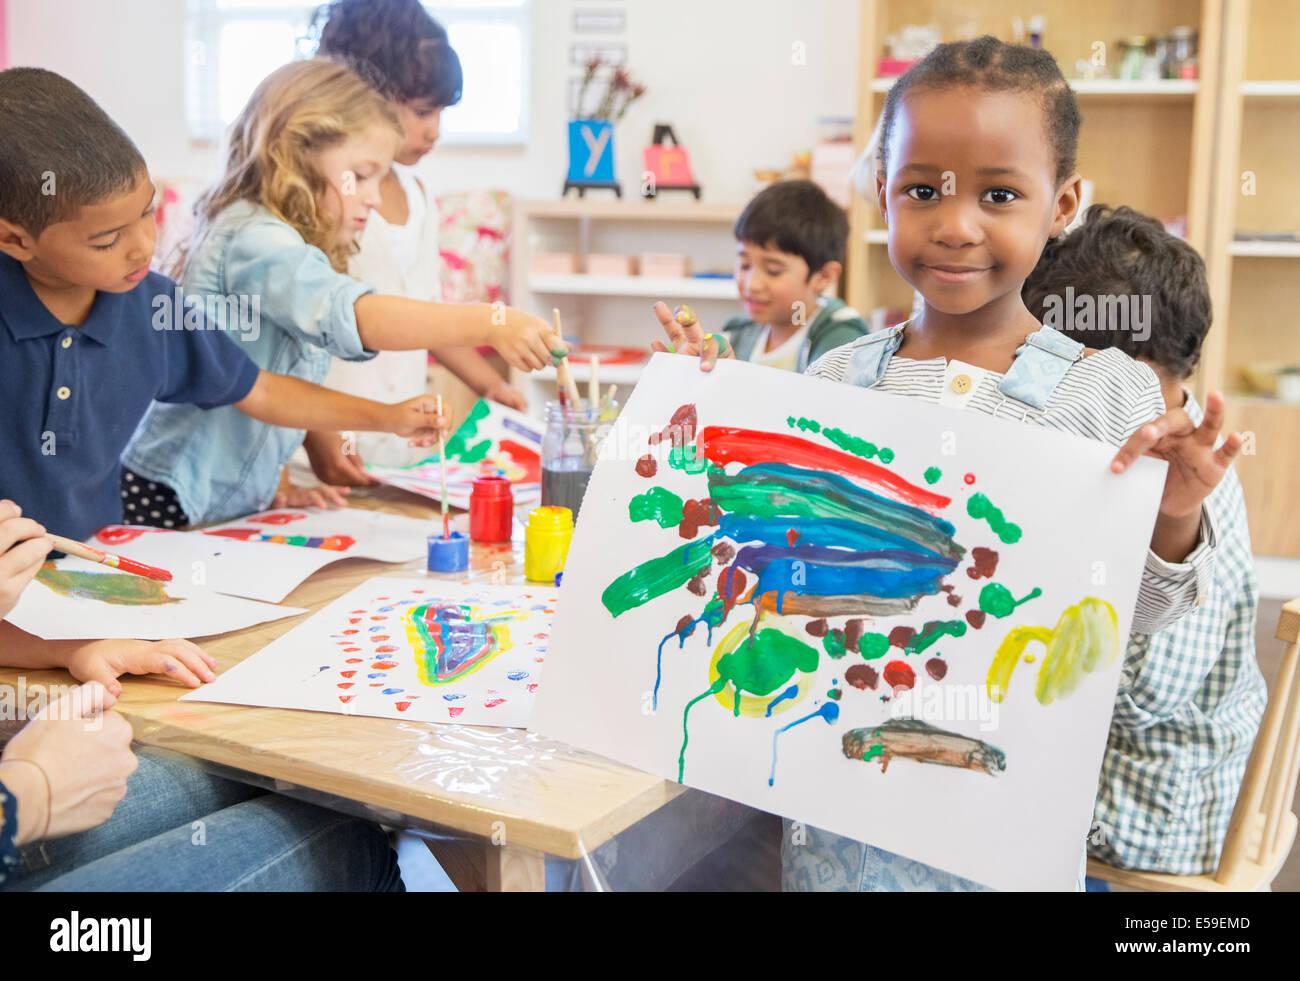 Estudiante mostrando pintar con los dedos en el aula Imagen De Stock